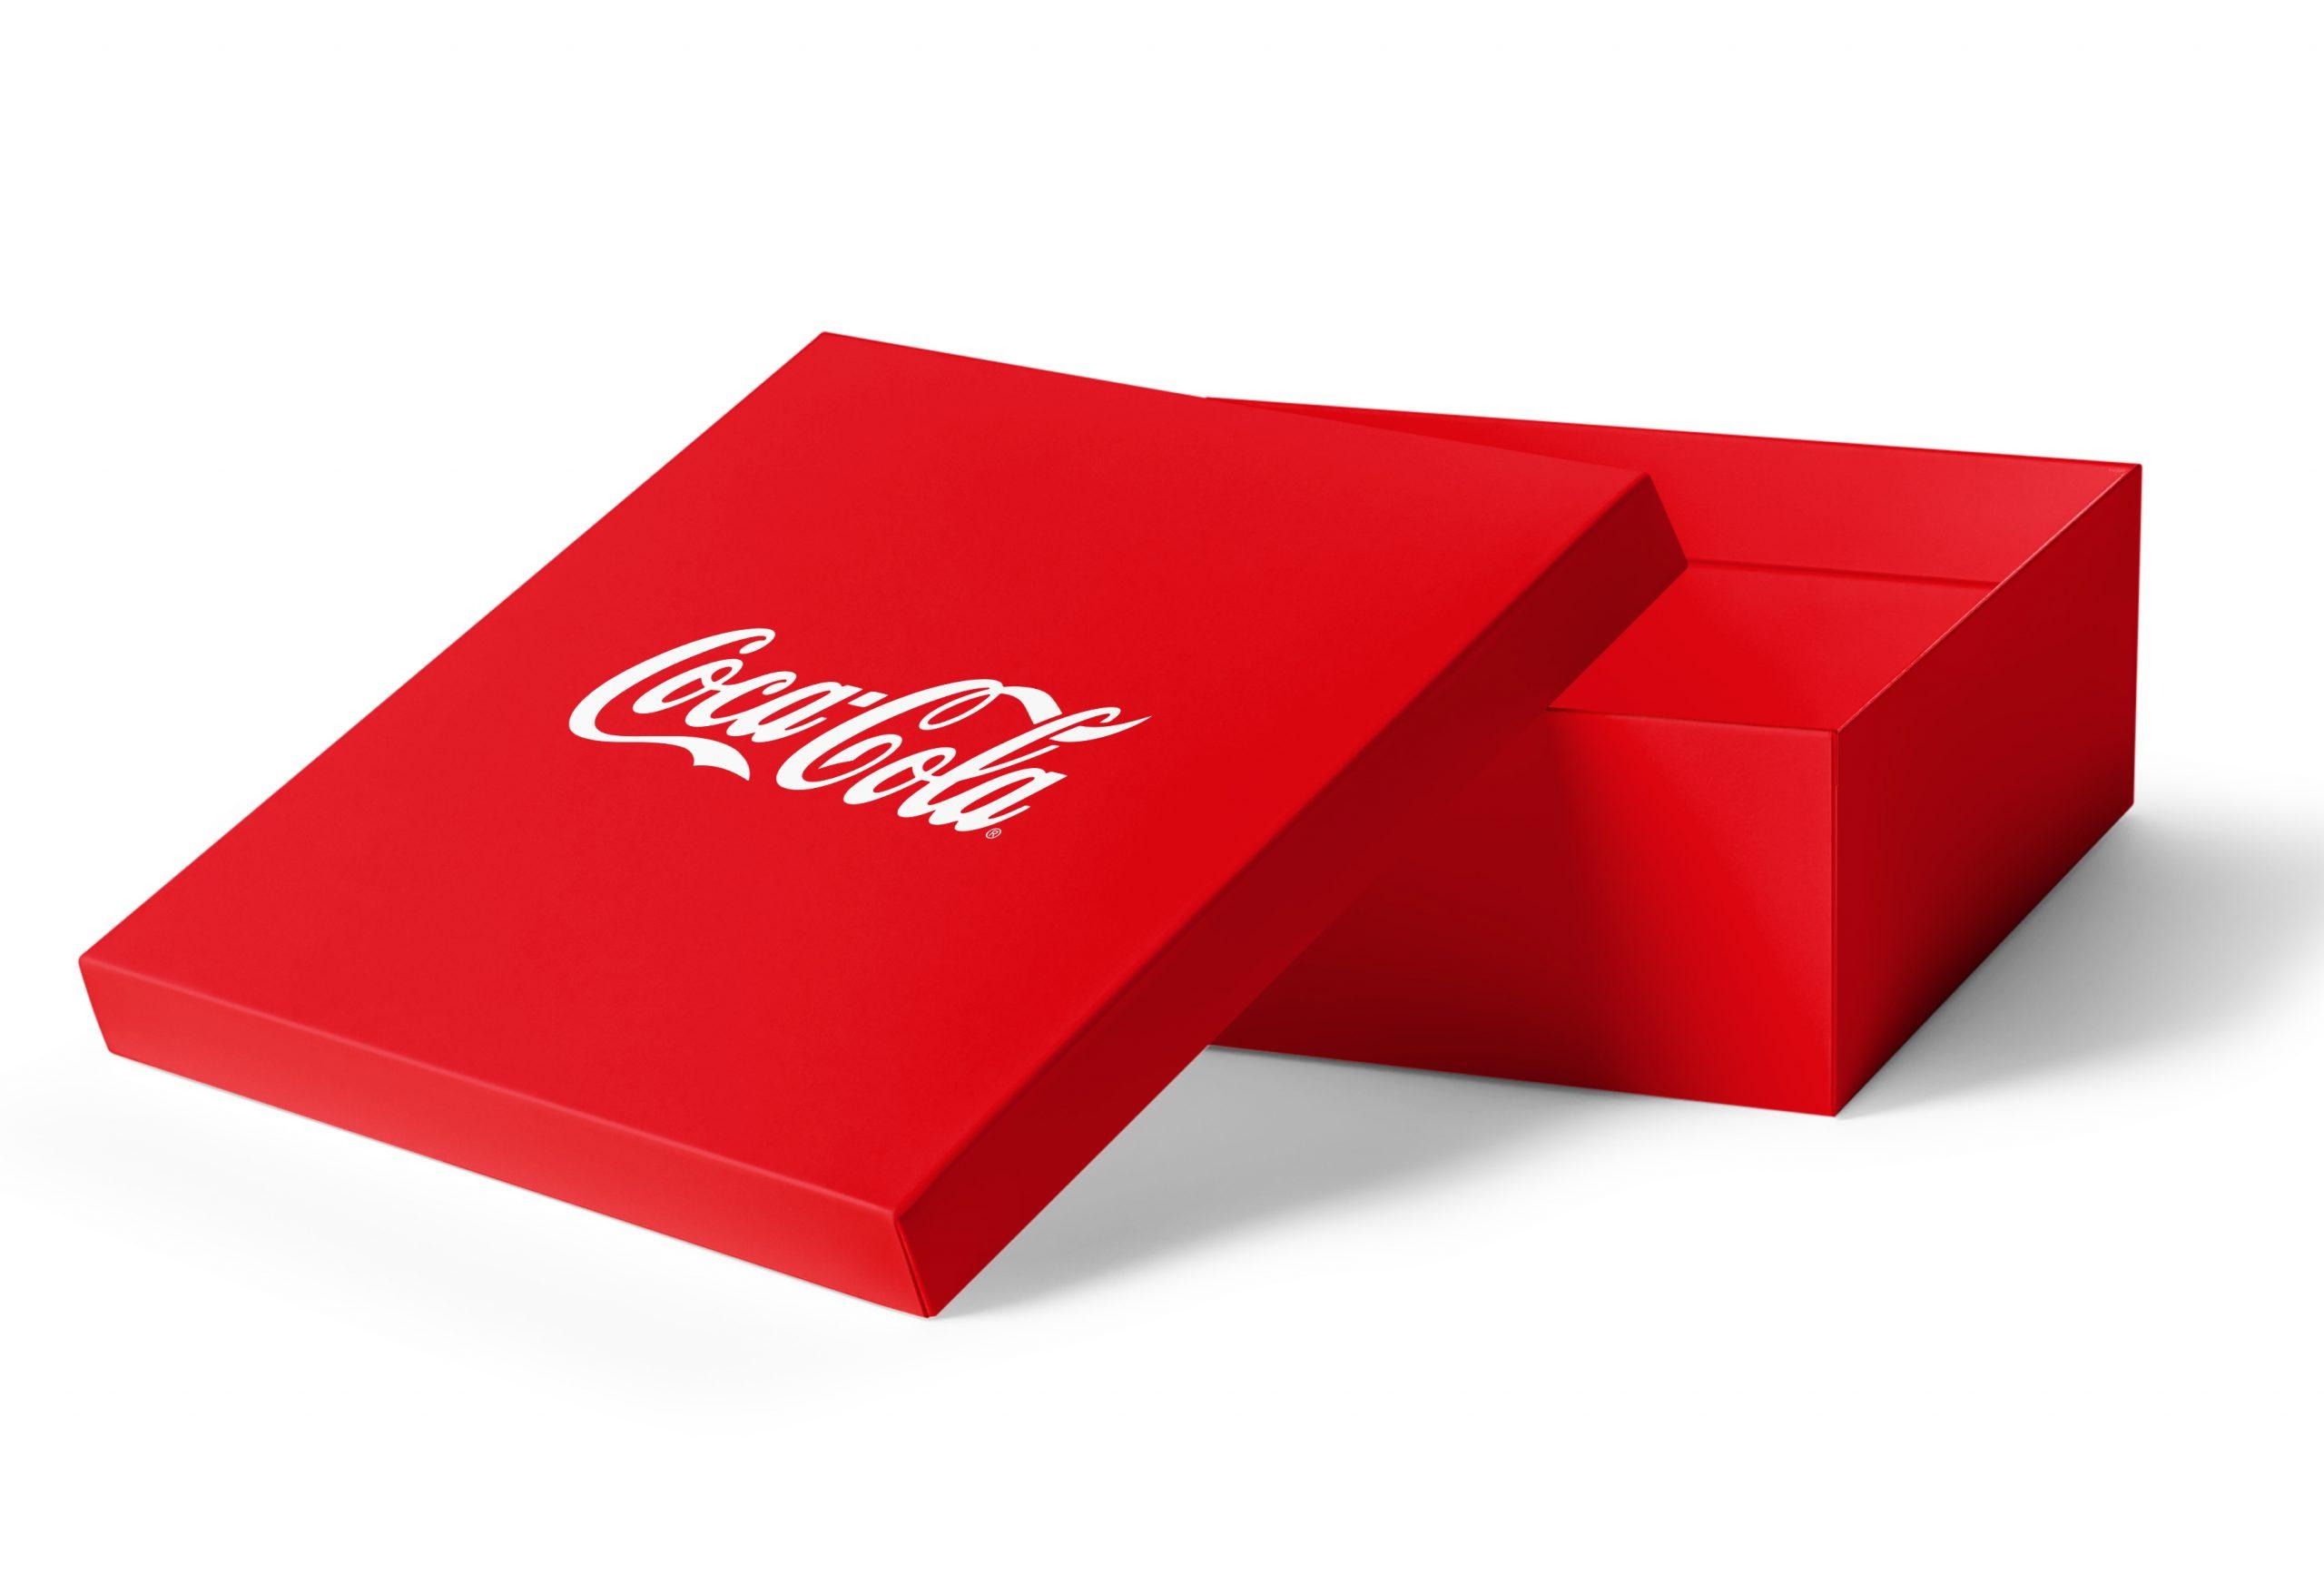 Coca-Cola_embalagem_tampa_e_fundo